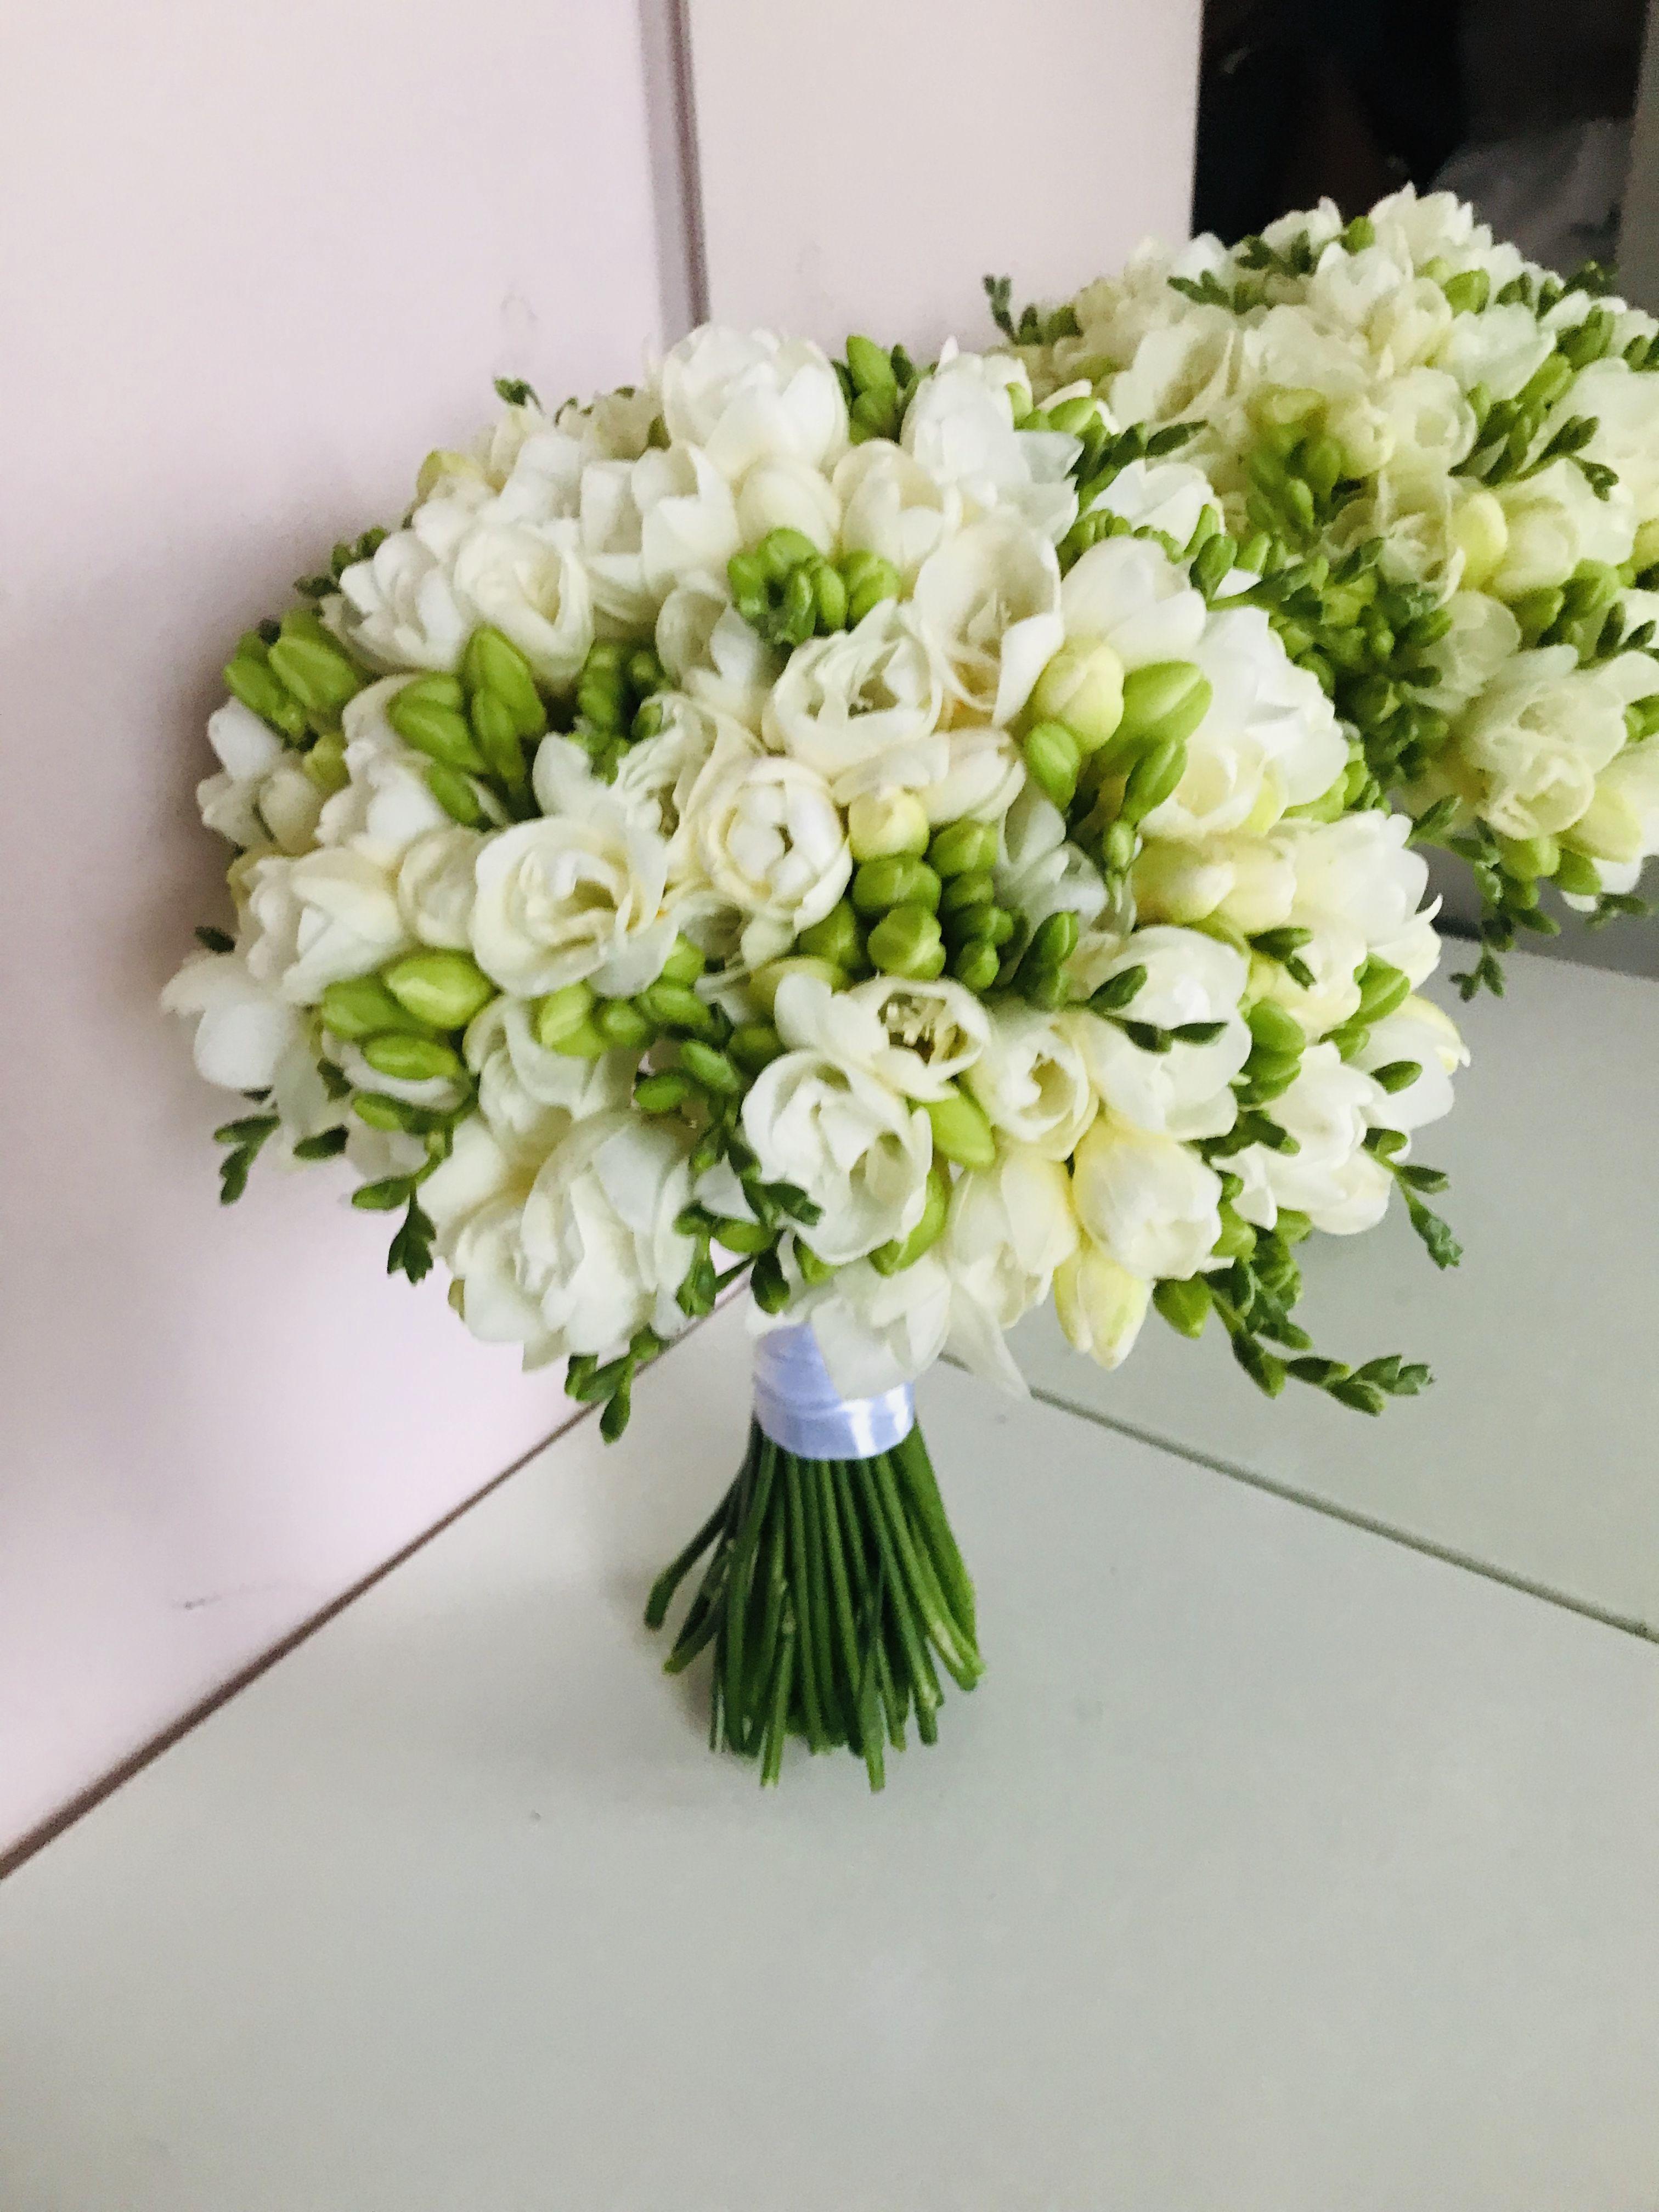 Simple Wedding Flowers Biale Kwiaty Roza Eustoma Gozdzik Wiazanka Slubna Bukiet Panna Mloda Wymarzony Slub Bukiety Bukiet Slubny